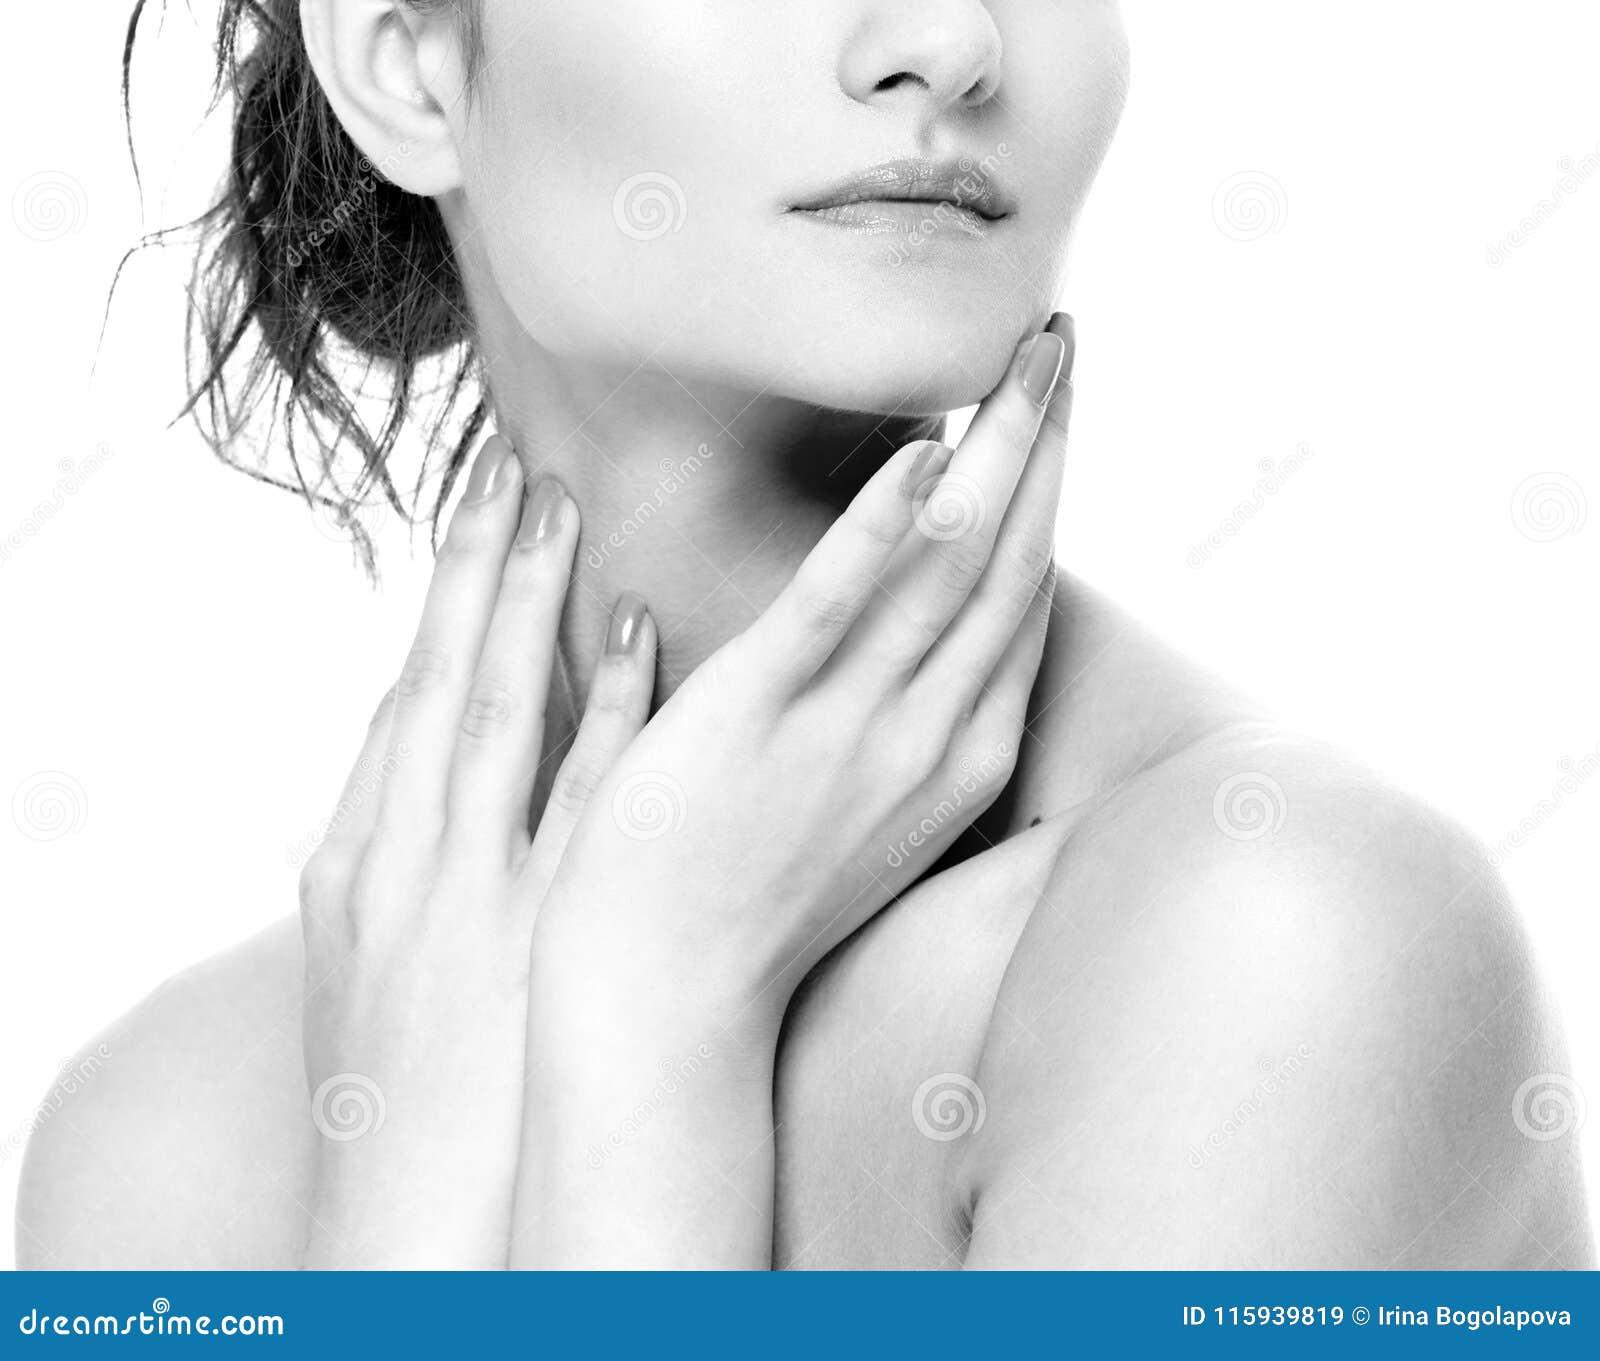 Los labios del hombro del cuello de la mujer sospechan las mejillas de la barbilla blancos y negros